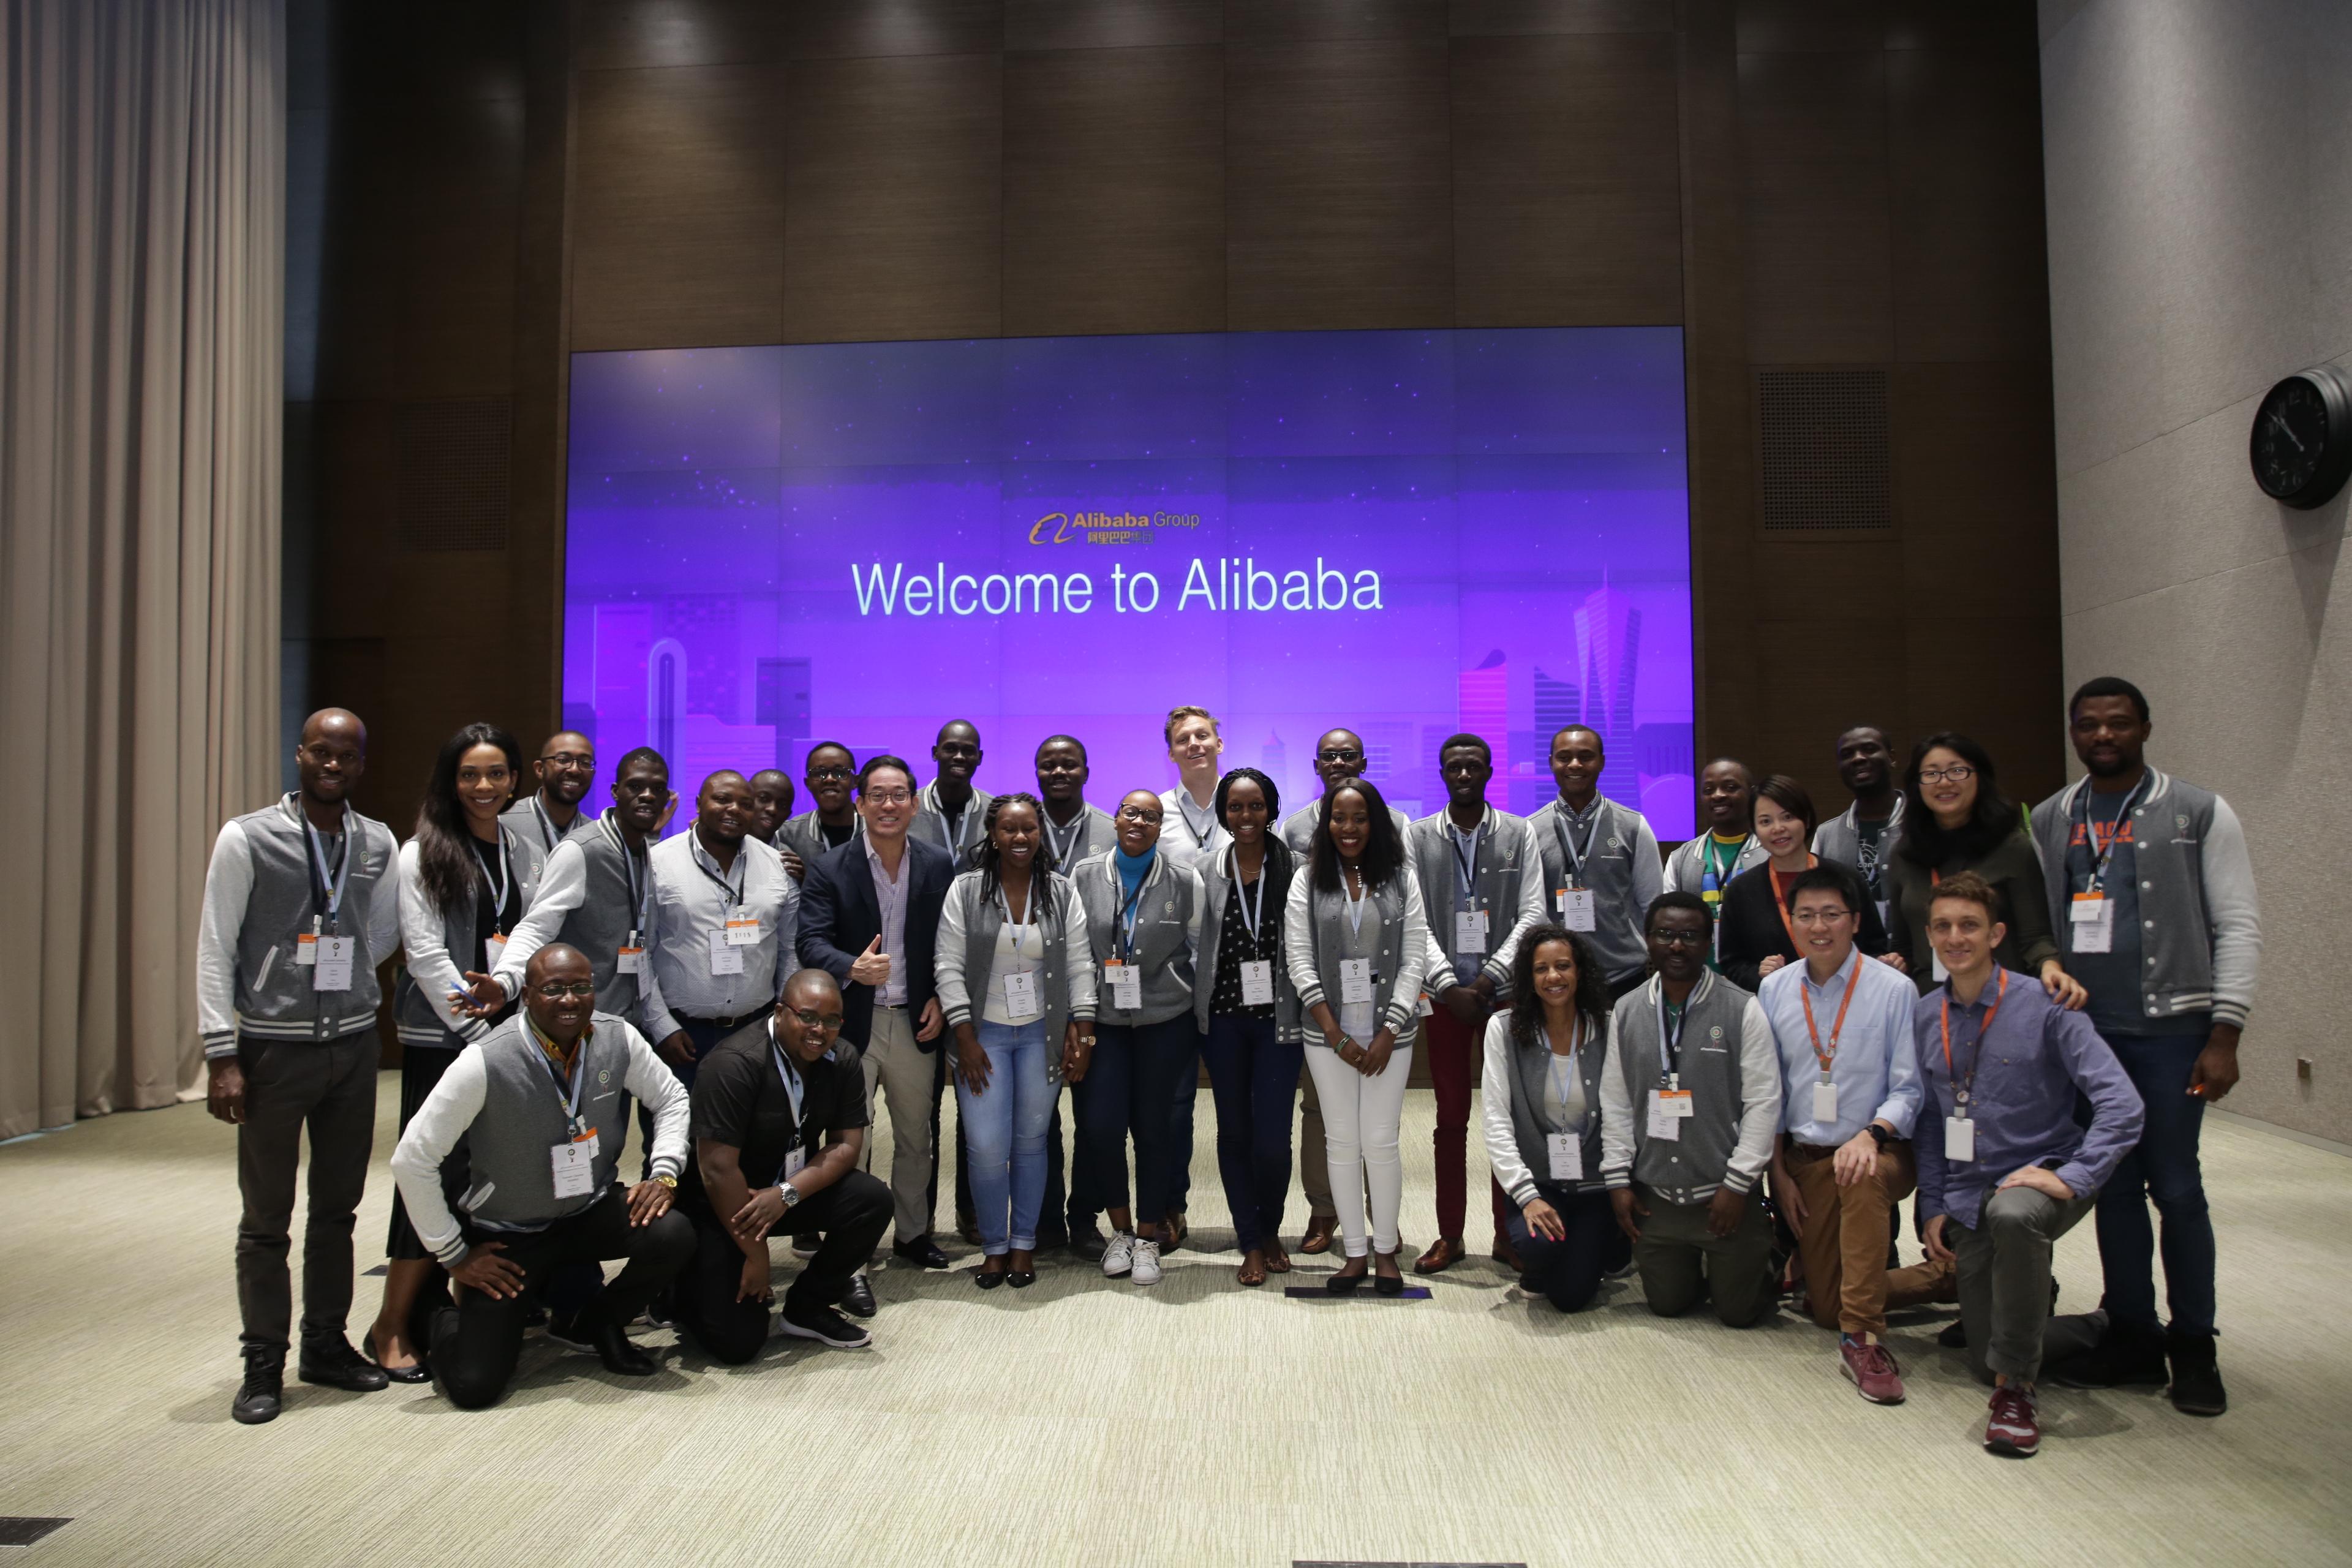 非洲七国青年创业者求学阿里: 我们要学最好的东西